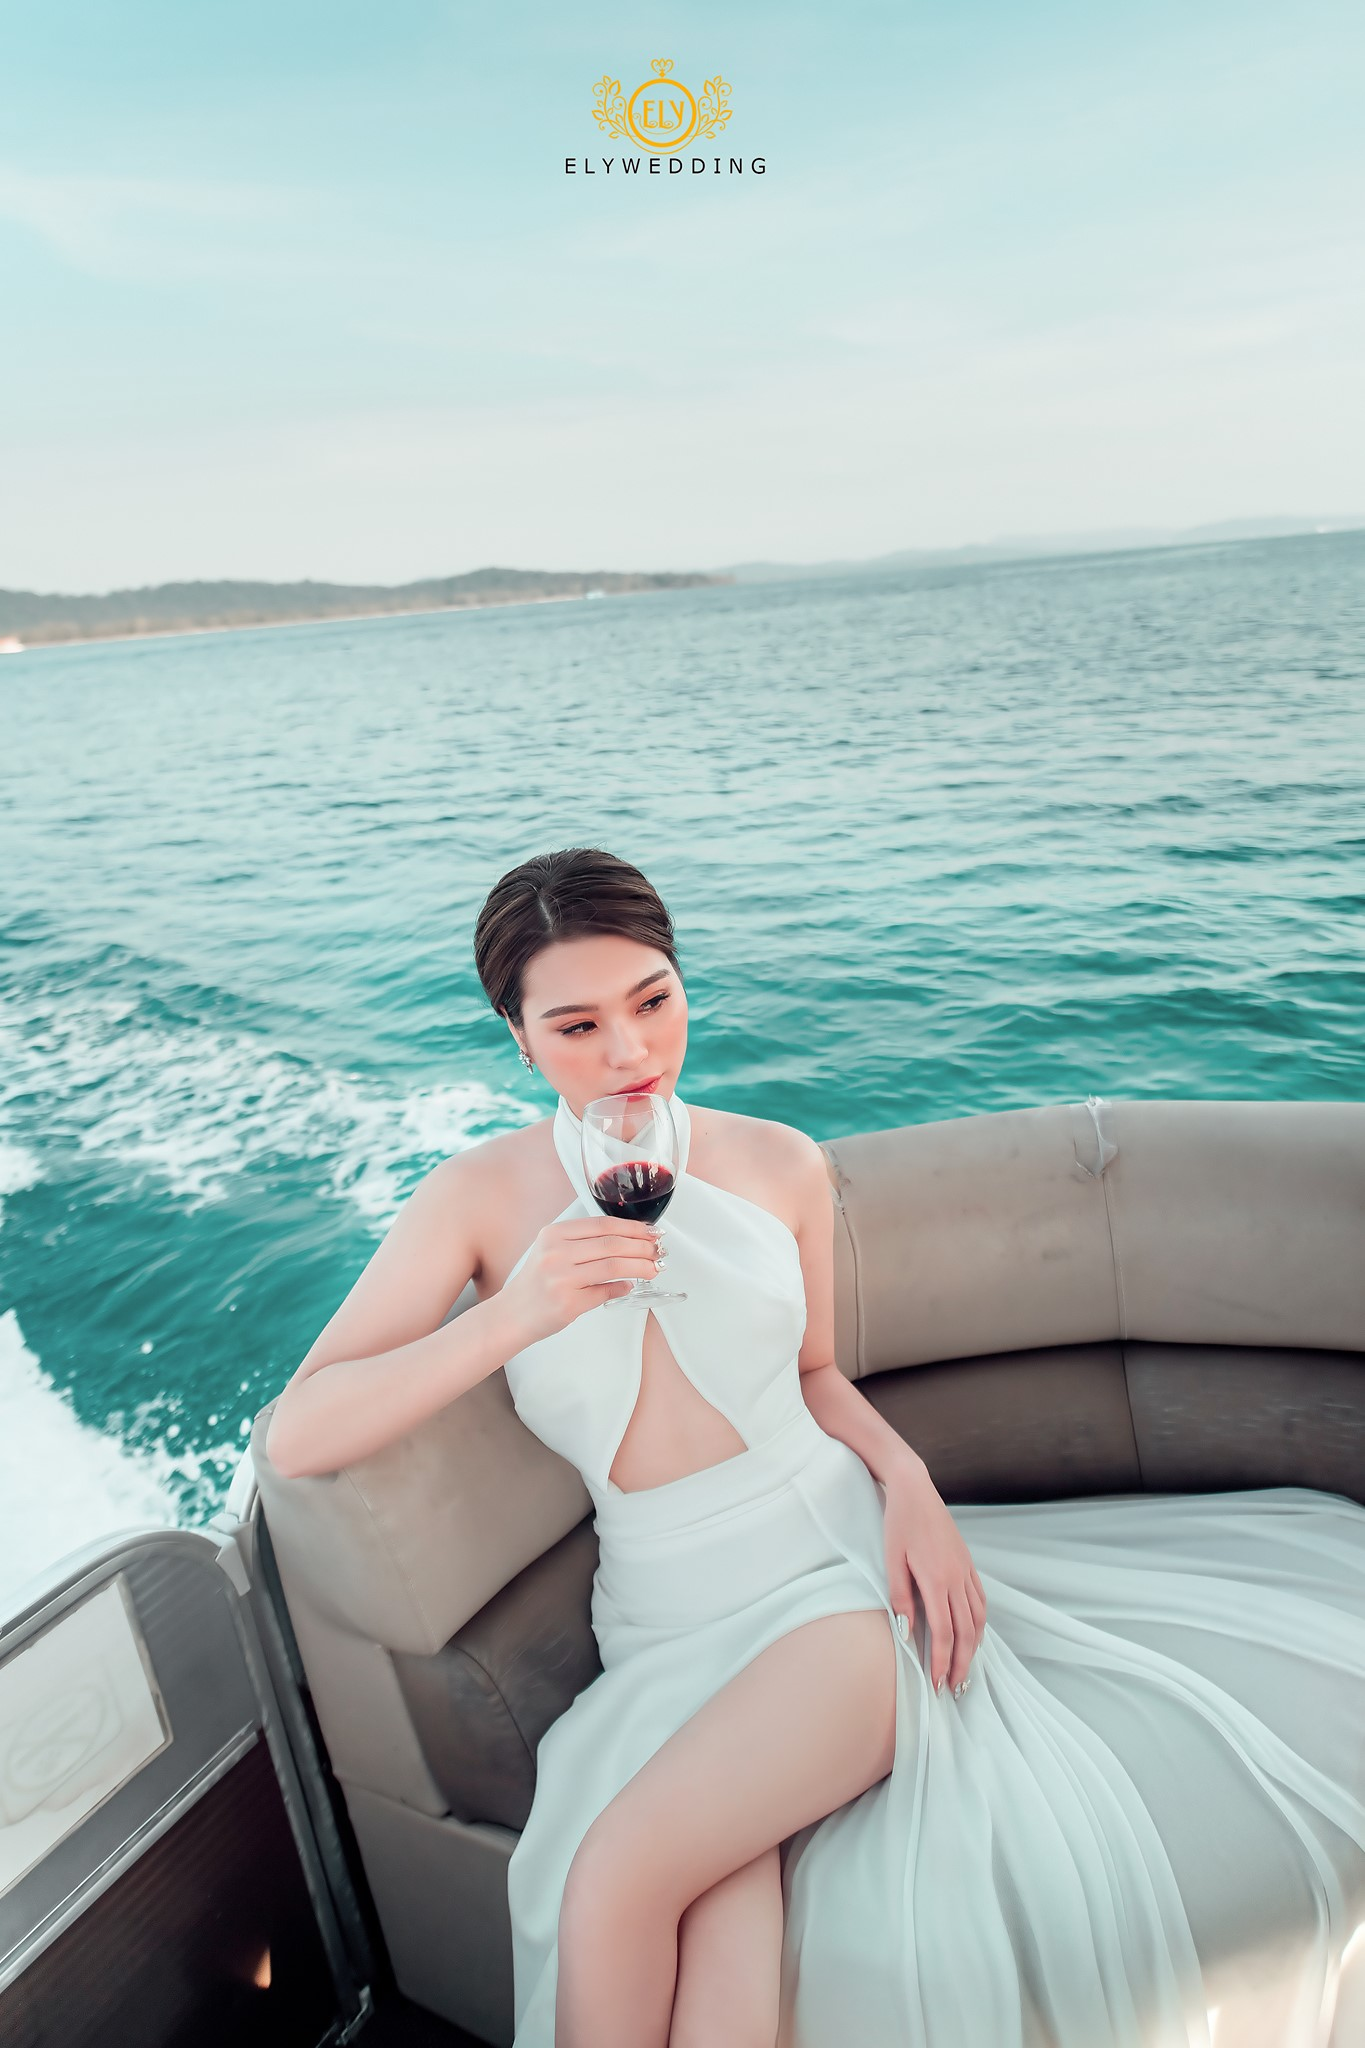 Top 7 tiệm trang điểm cô dâu đẹp nhất tại Phú Quốc -  ELY Wedding - Phú Quốc